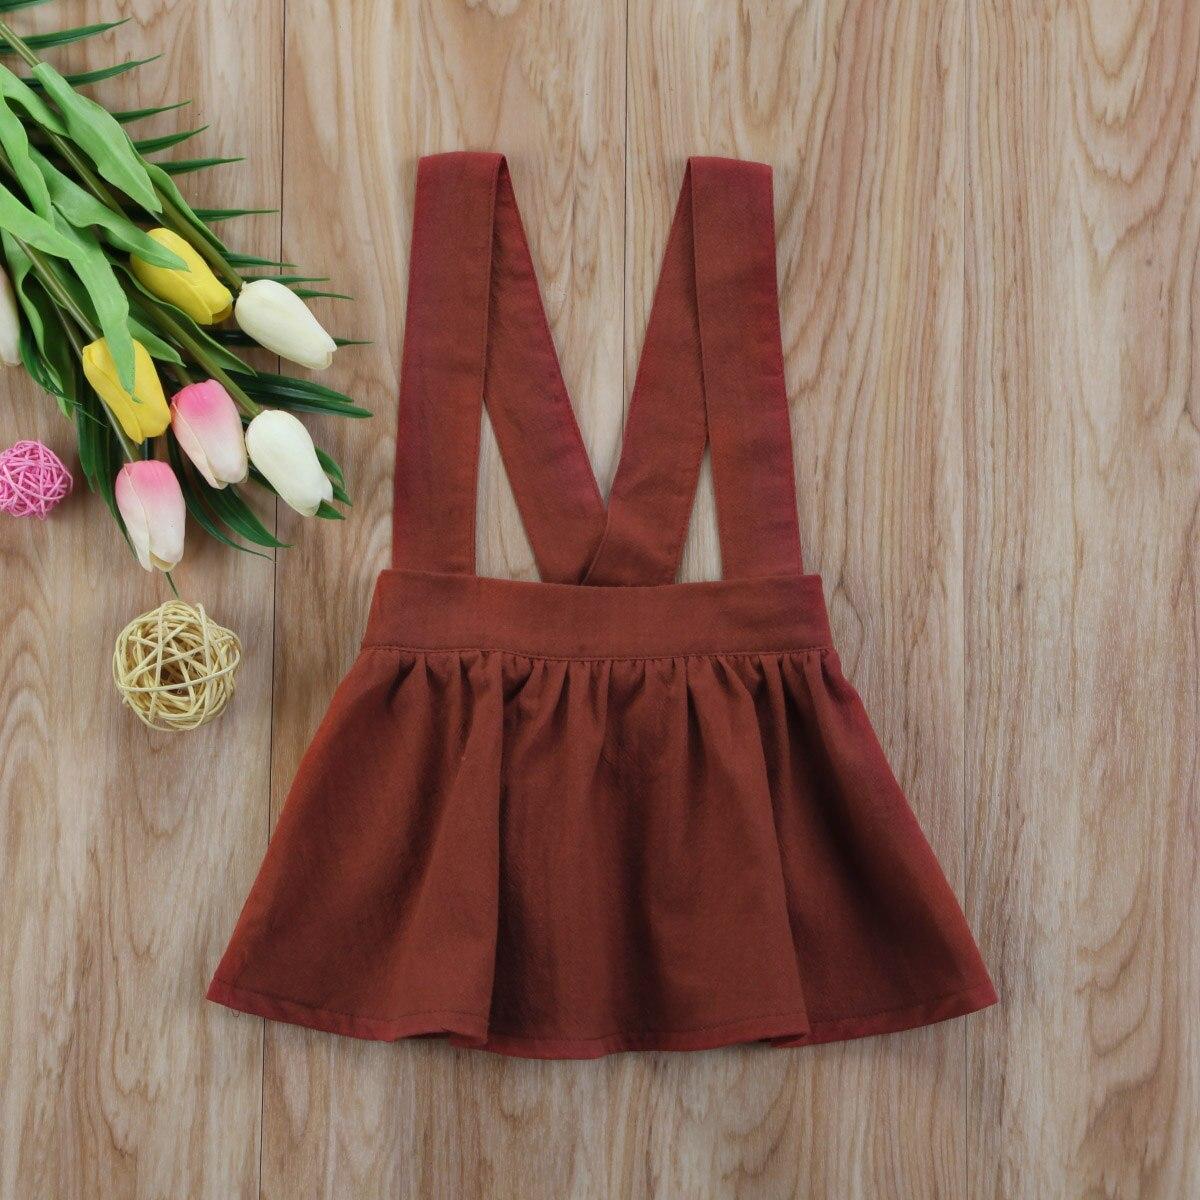 Jupe globale de printemps pour petites filles | Jupes Tutu de couleur brune pour bébé, vêtements pour enfants de 6 m à 3 ans, 2019